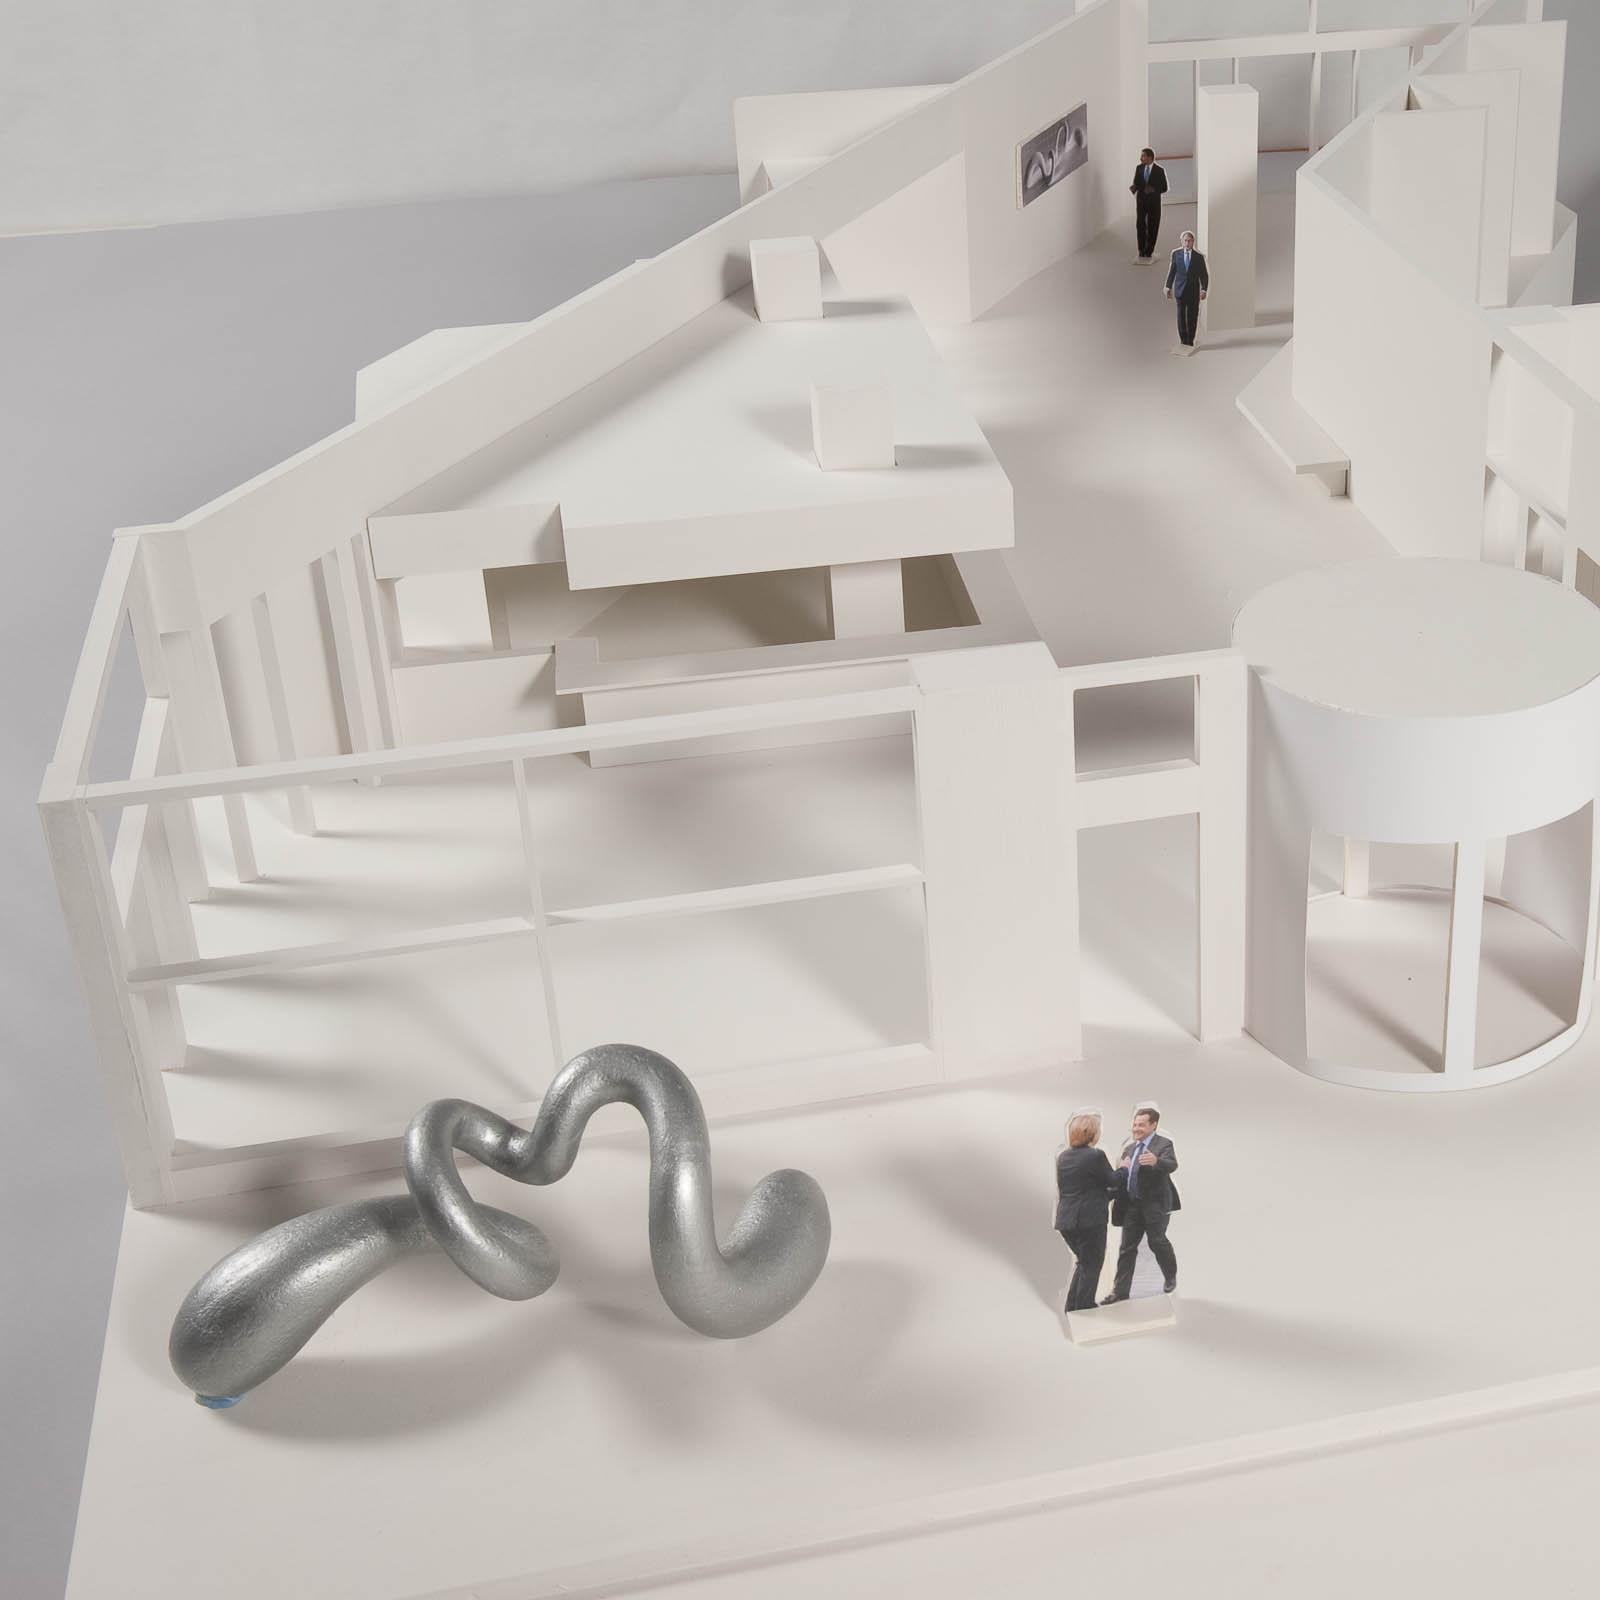 Modell av Eva Hilds skulptur Binär utanför byggnad.